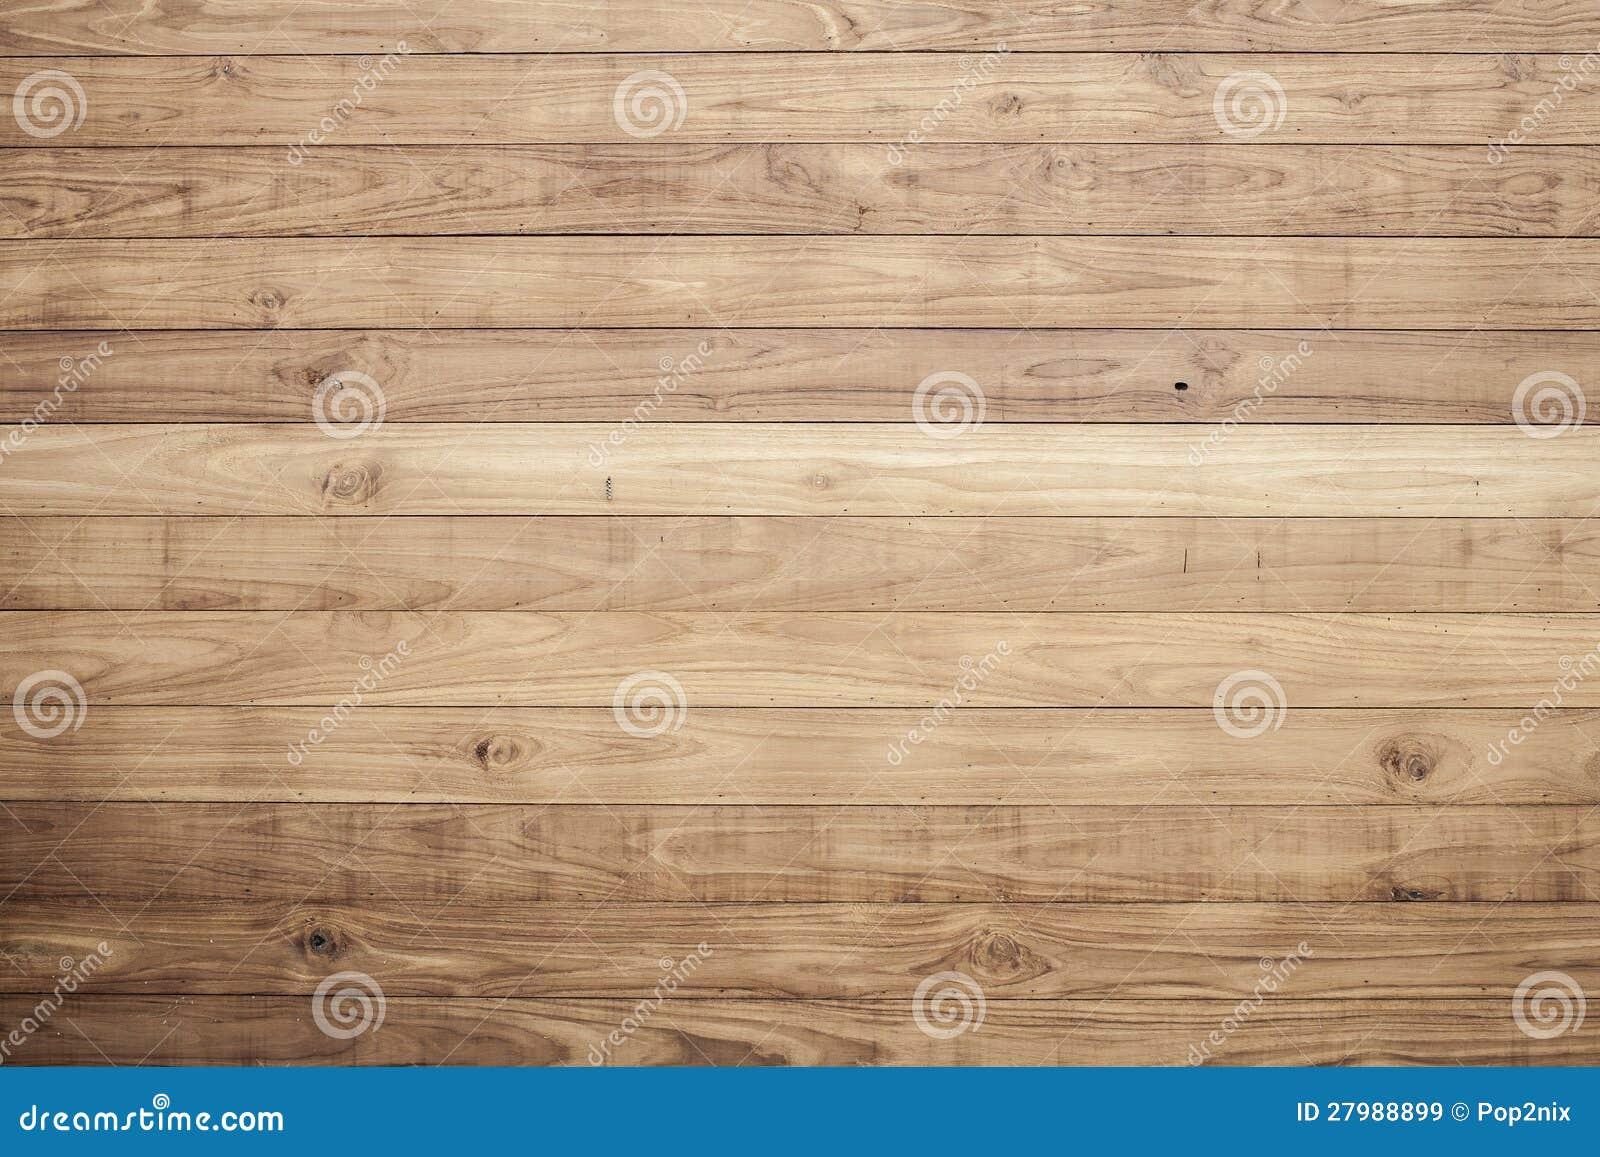 Bruine houten plankmuur